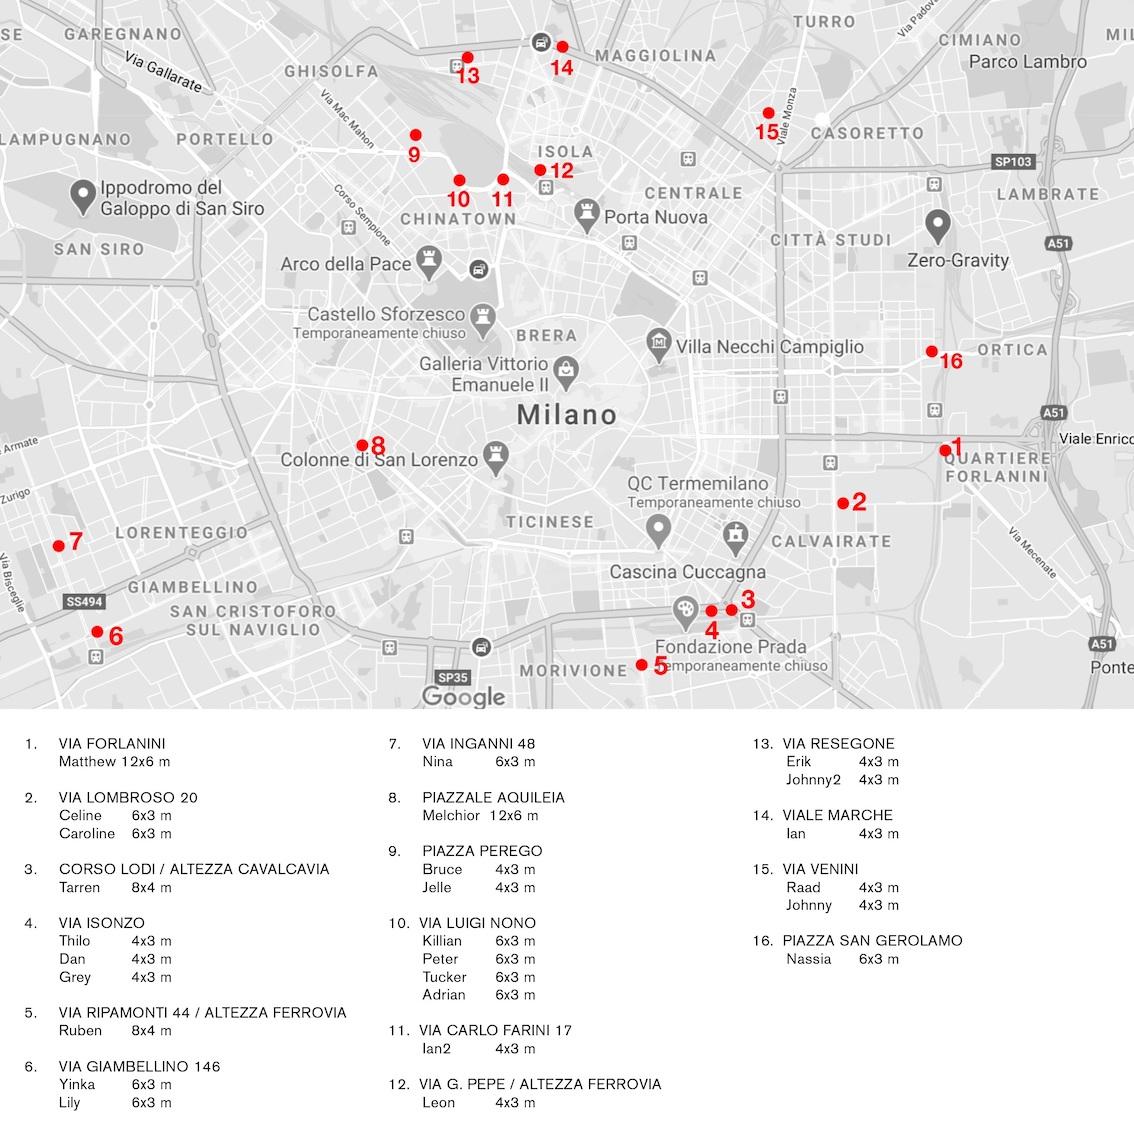 Mappa delle affissioni